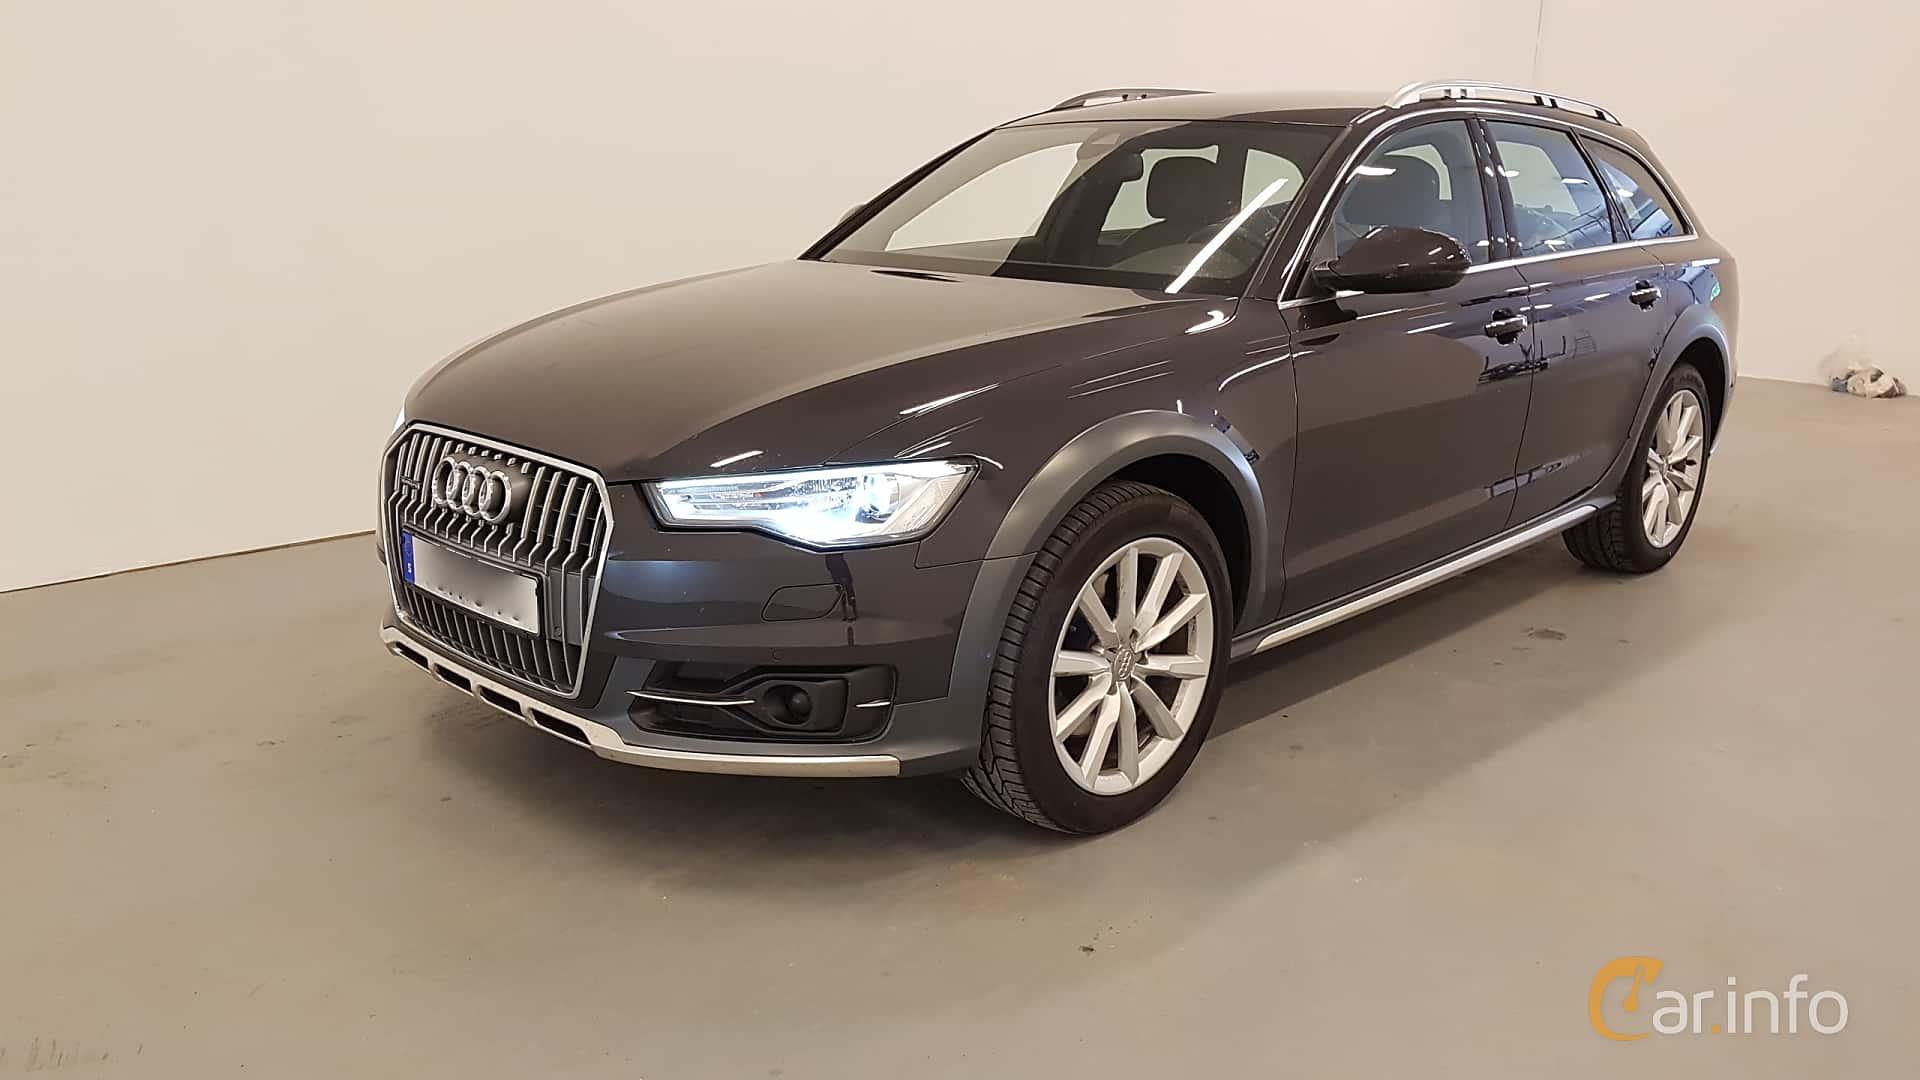 Audi a6 allroad quattro с7 s-tronic, обзор, технические характеристики, отзывы владельцев, цены